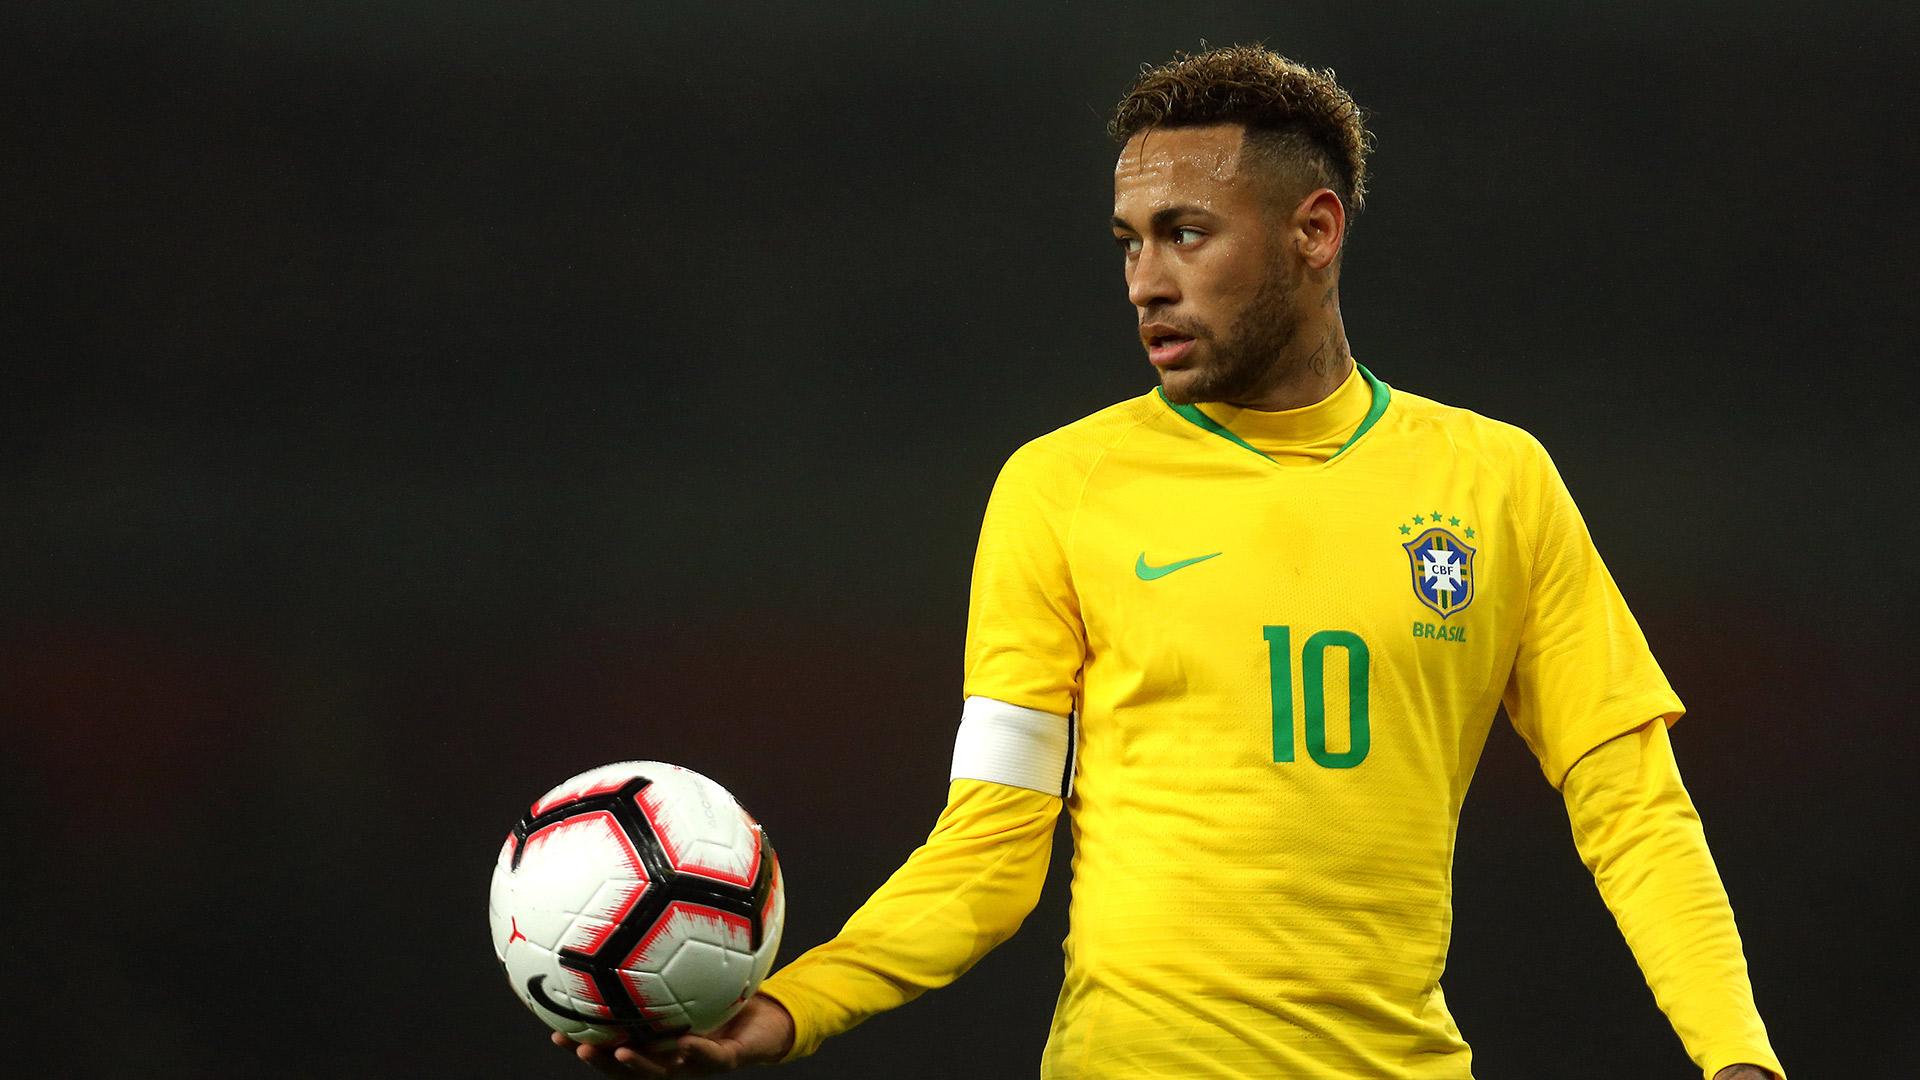 """Affaire Neymar : la police porte plainte pour """"calomnie"""" contre Najila Trindade, l'accusatrice de la star parisienne"""